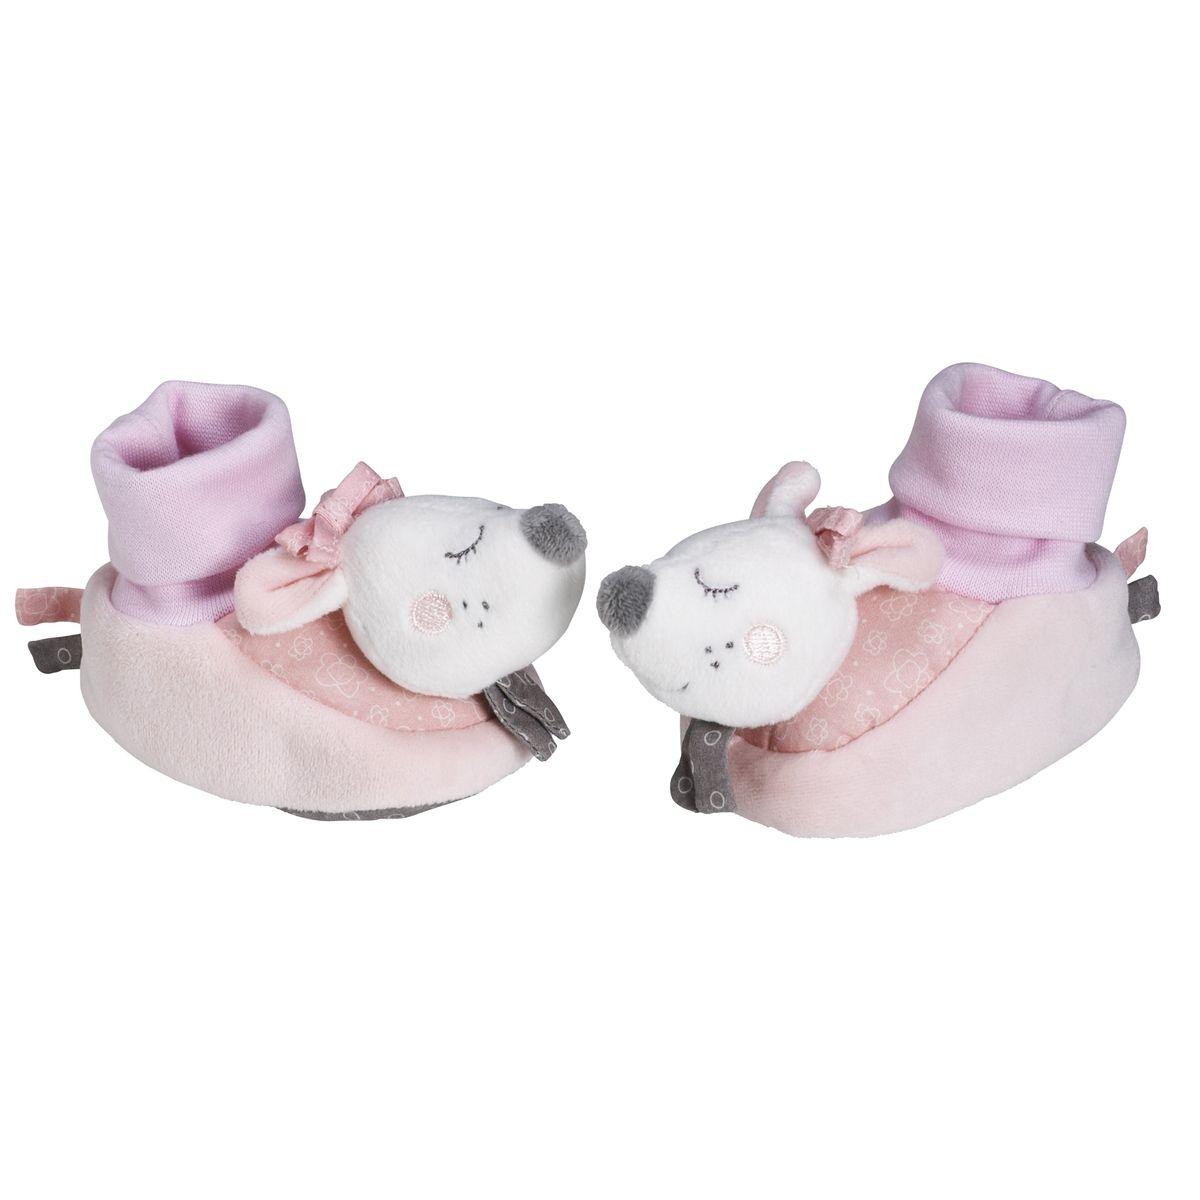 Chaussons bébé 0-6 mois Lilibelle